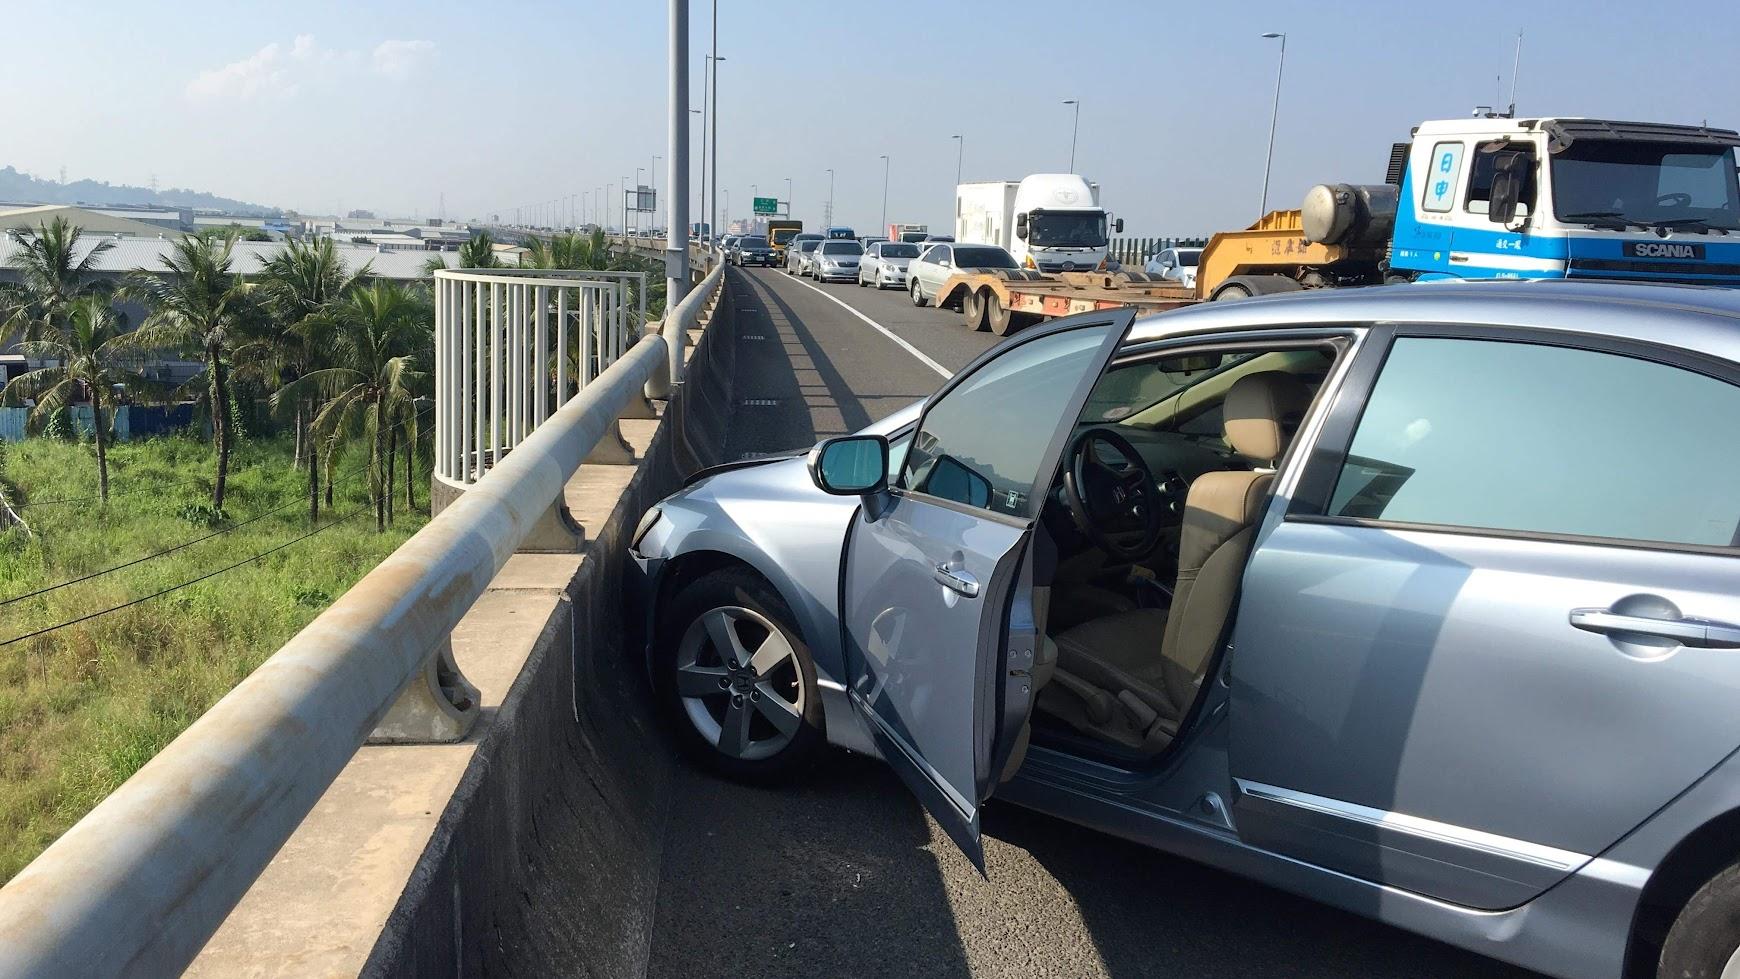 這一個撞擊,讓國道十號整個大塞車,而我的車子從順向轉了一圈,卡在高速公路護欄,撞擊力道之大我很難想像....